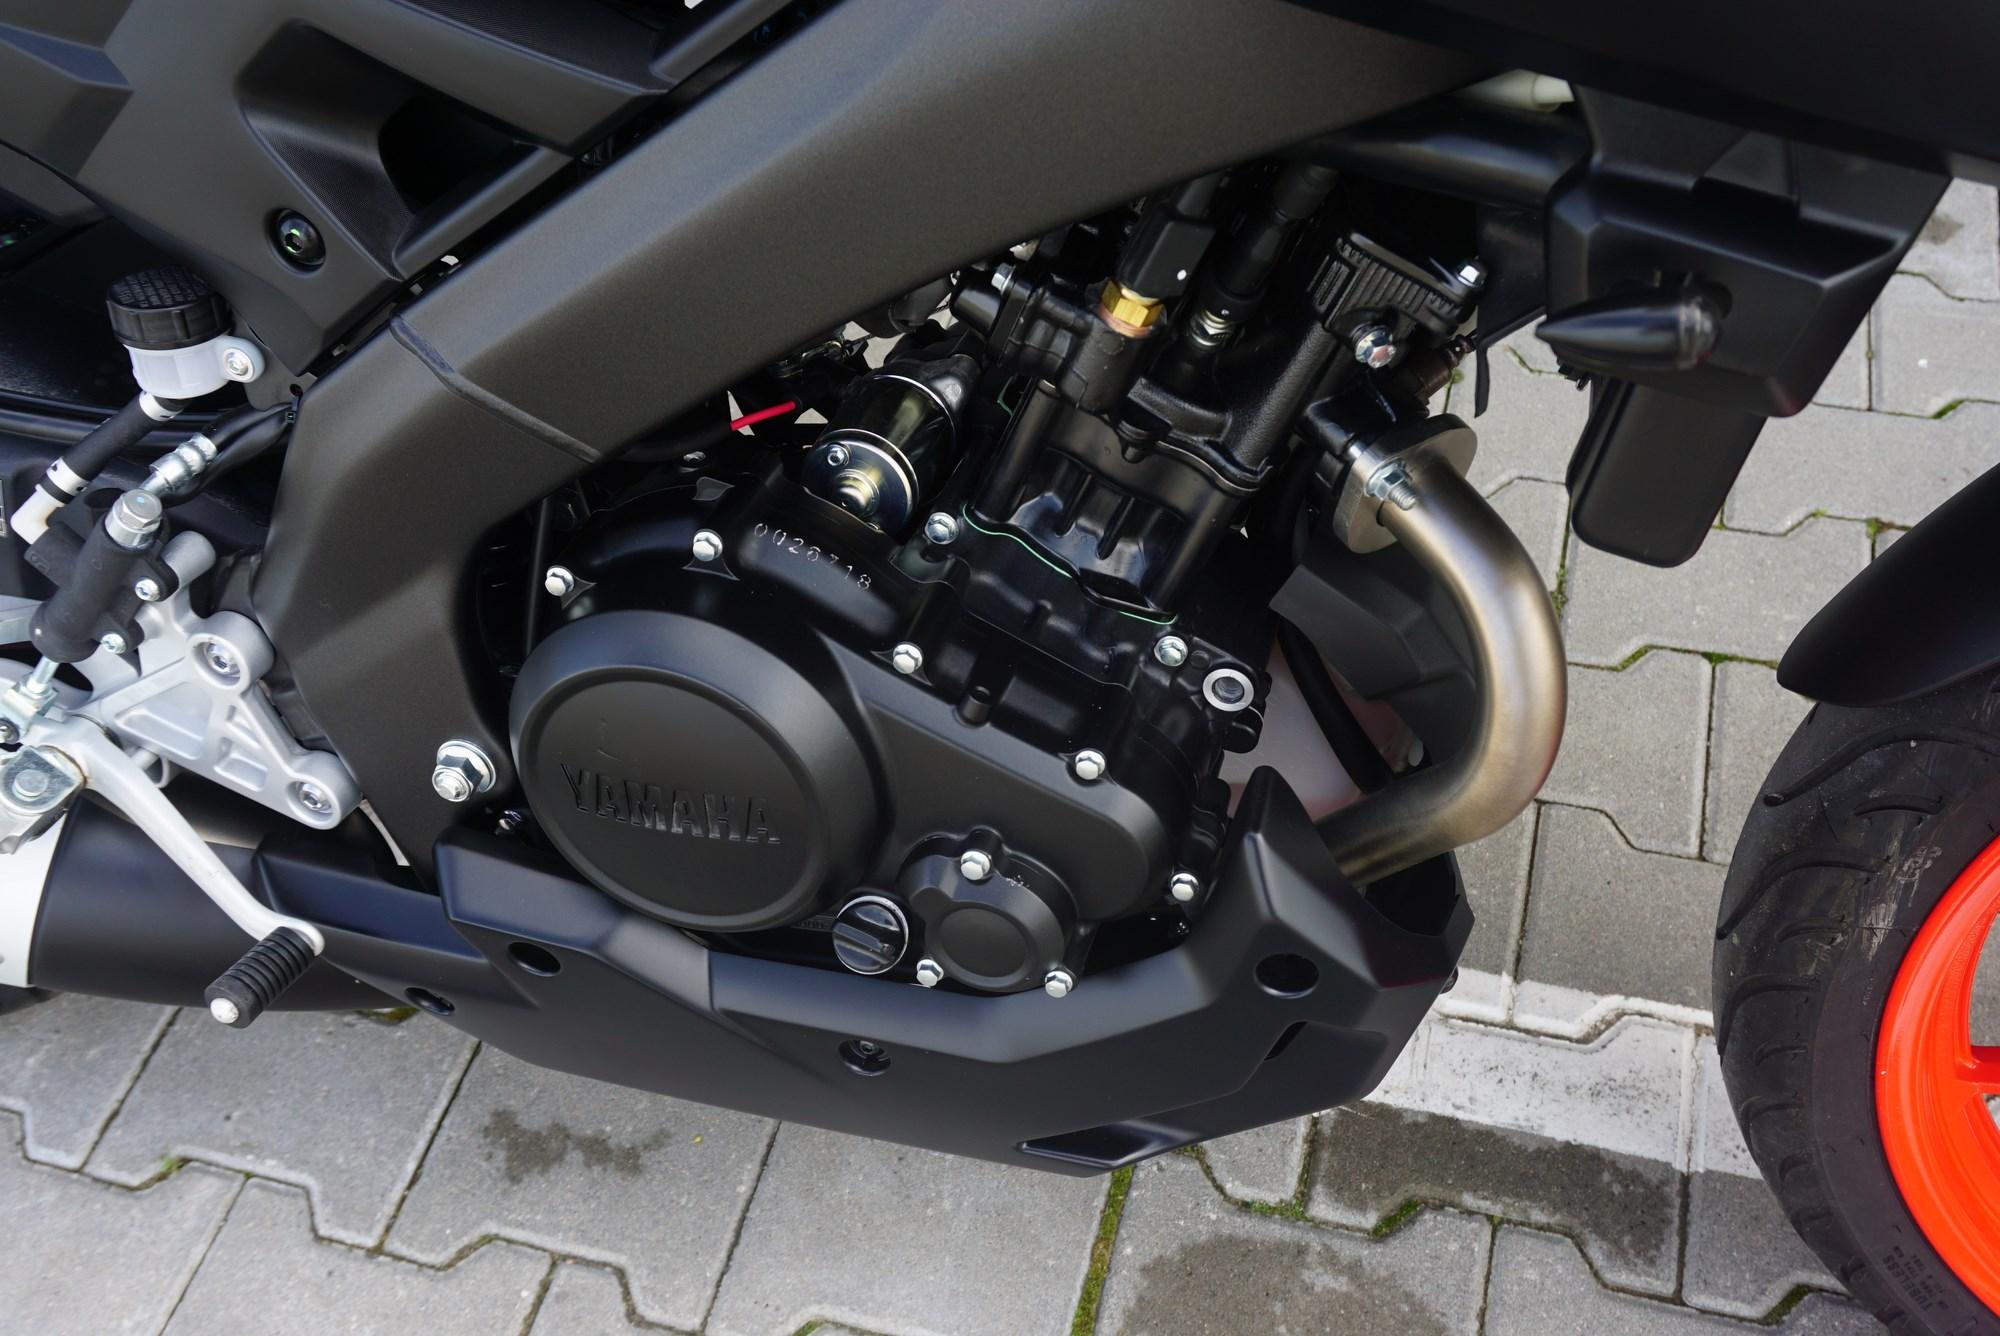 Yamaha MT 125 ICE FLUO